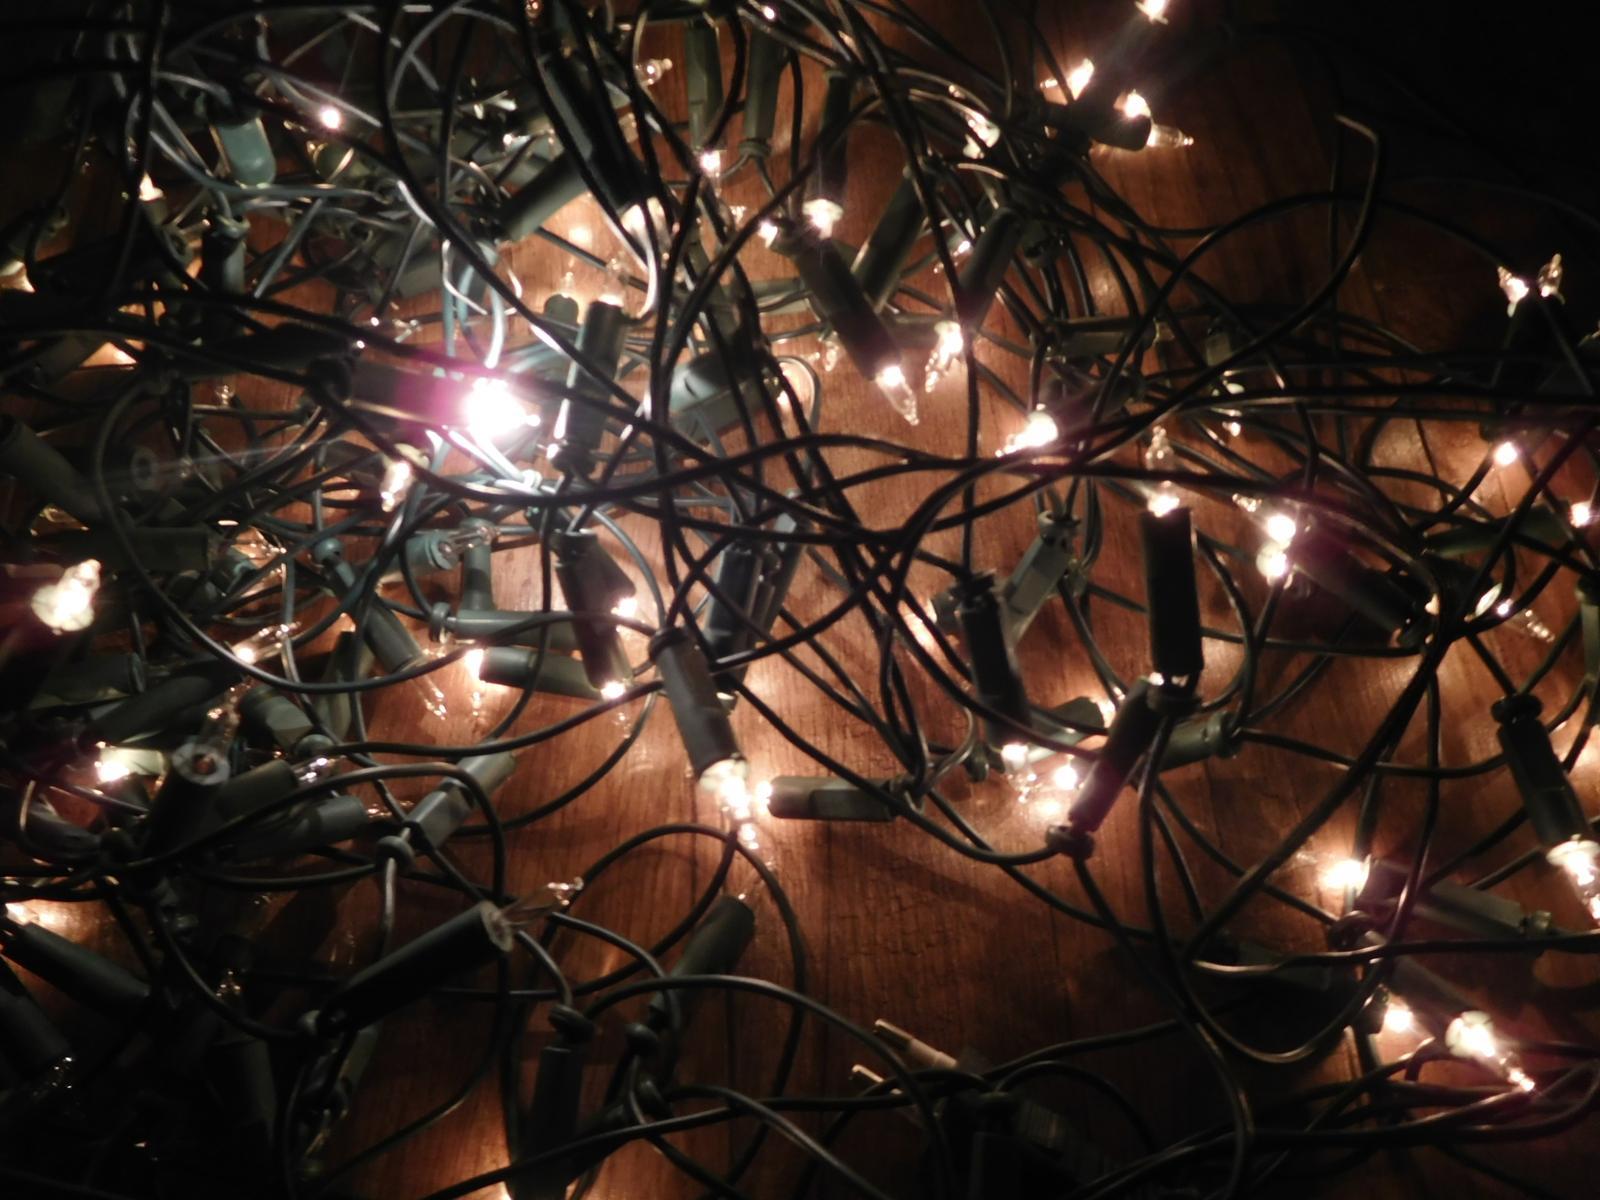 70 ks  kvalitné vianočné osvetlenie-žiarovky - Obrázok č. 2